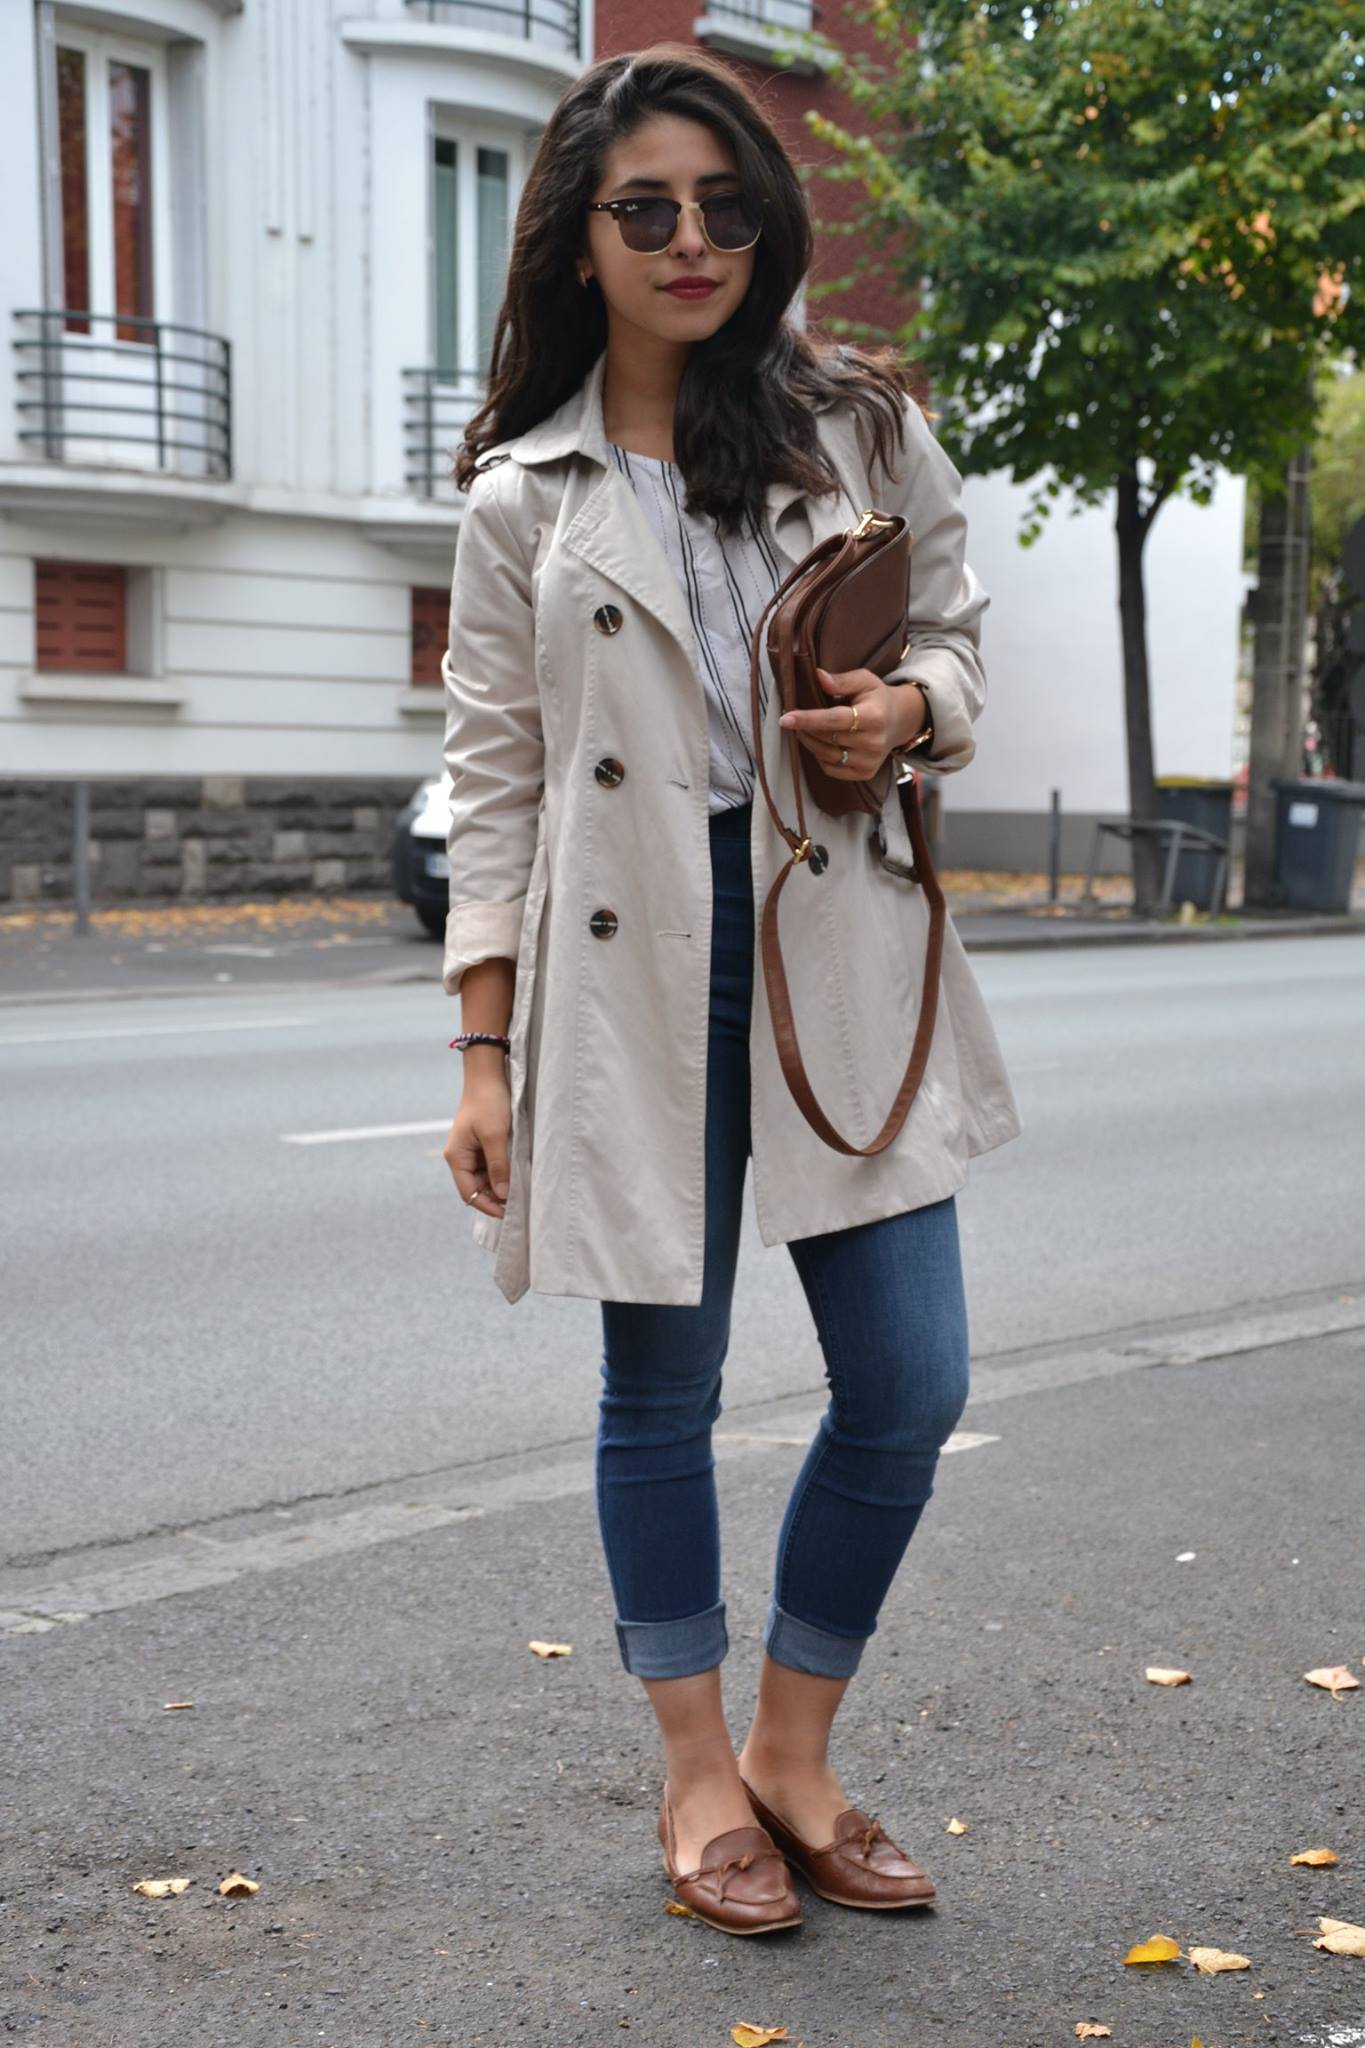 Comment porter le trench coat ilhamjod - Comment porter un trench femme ...